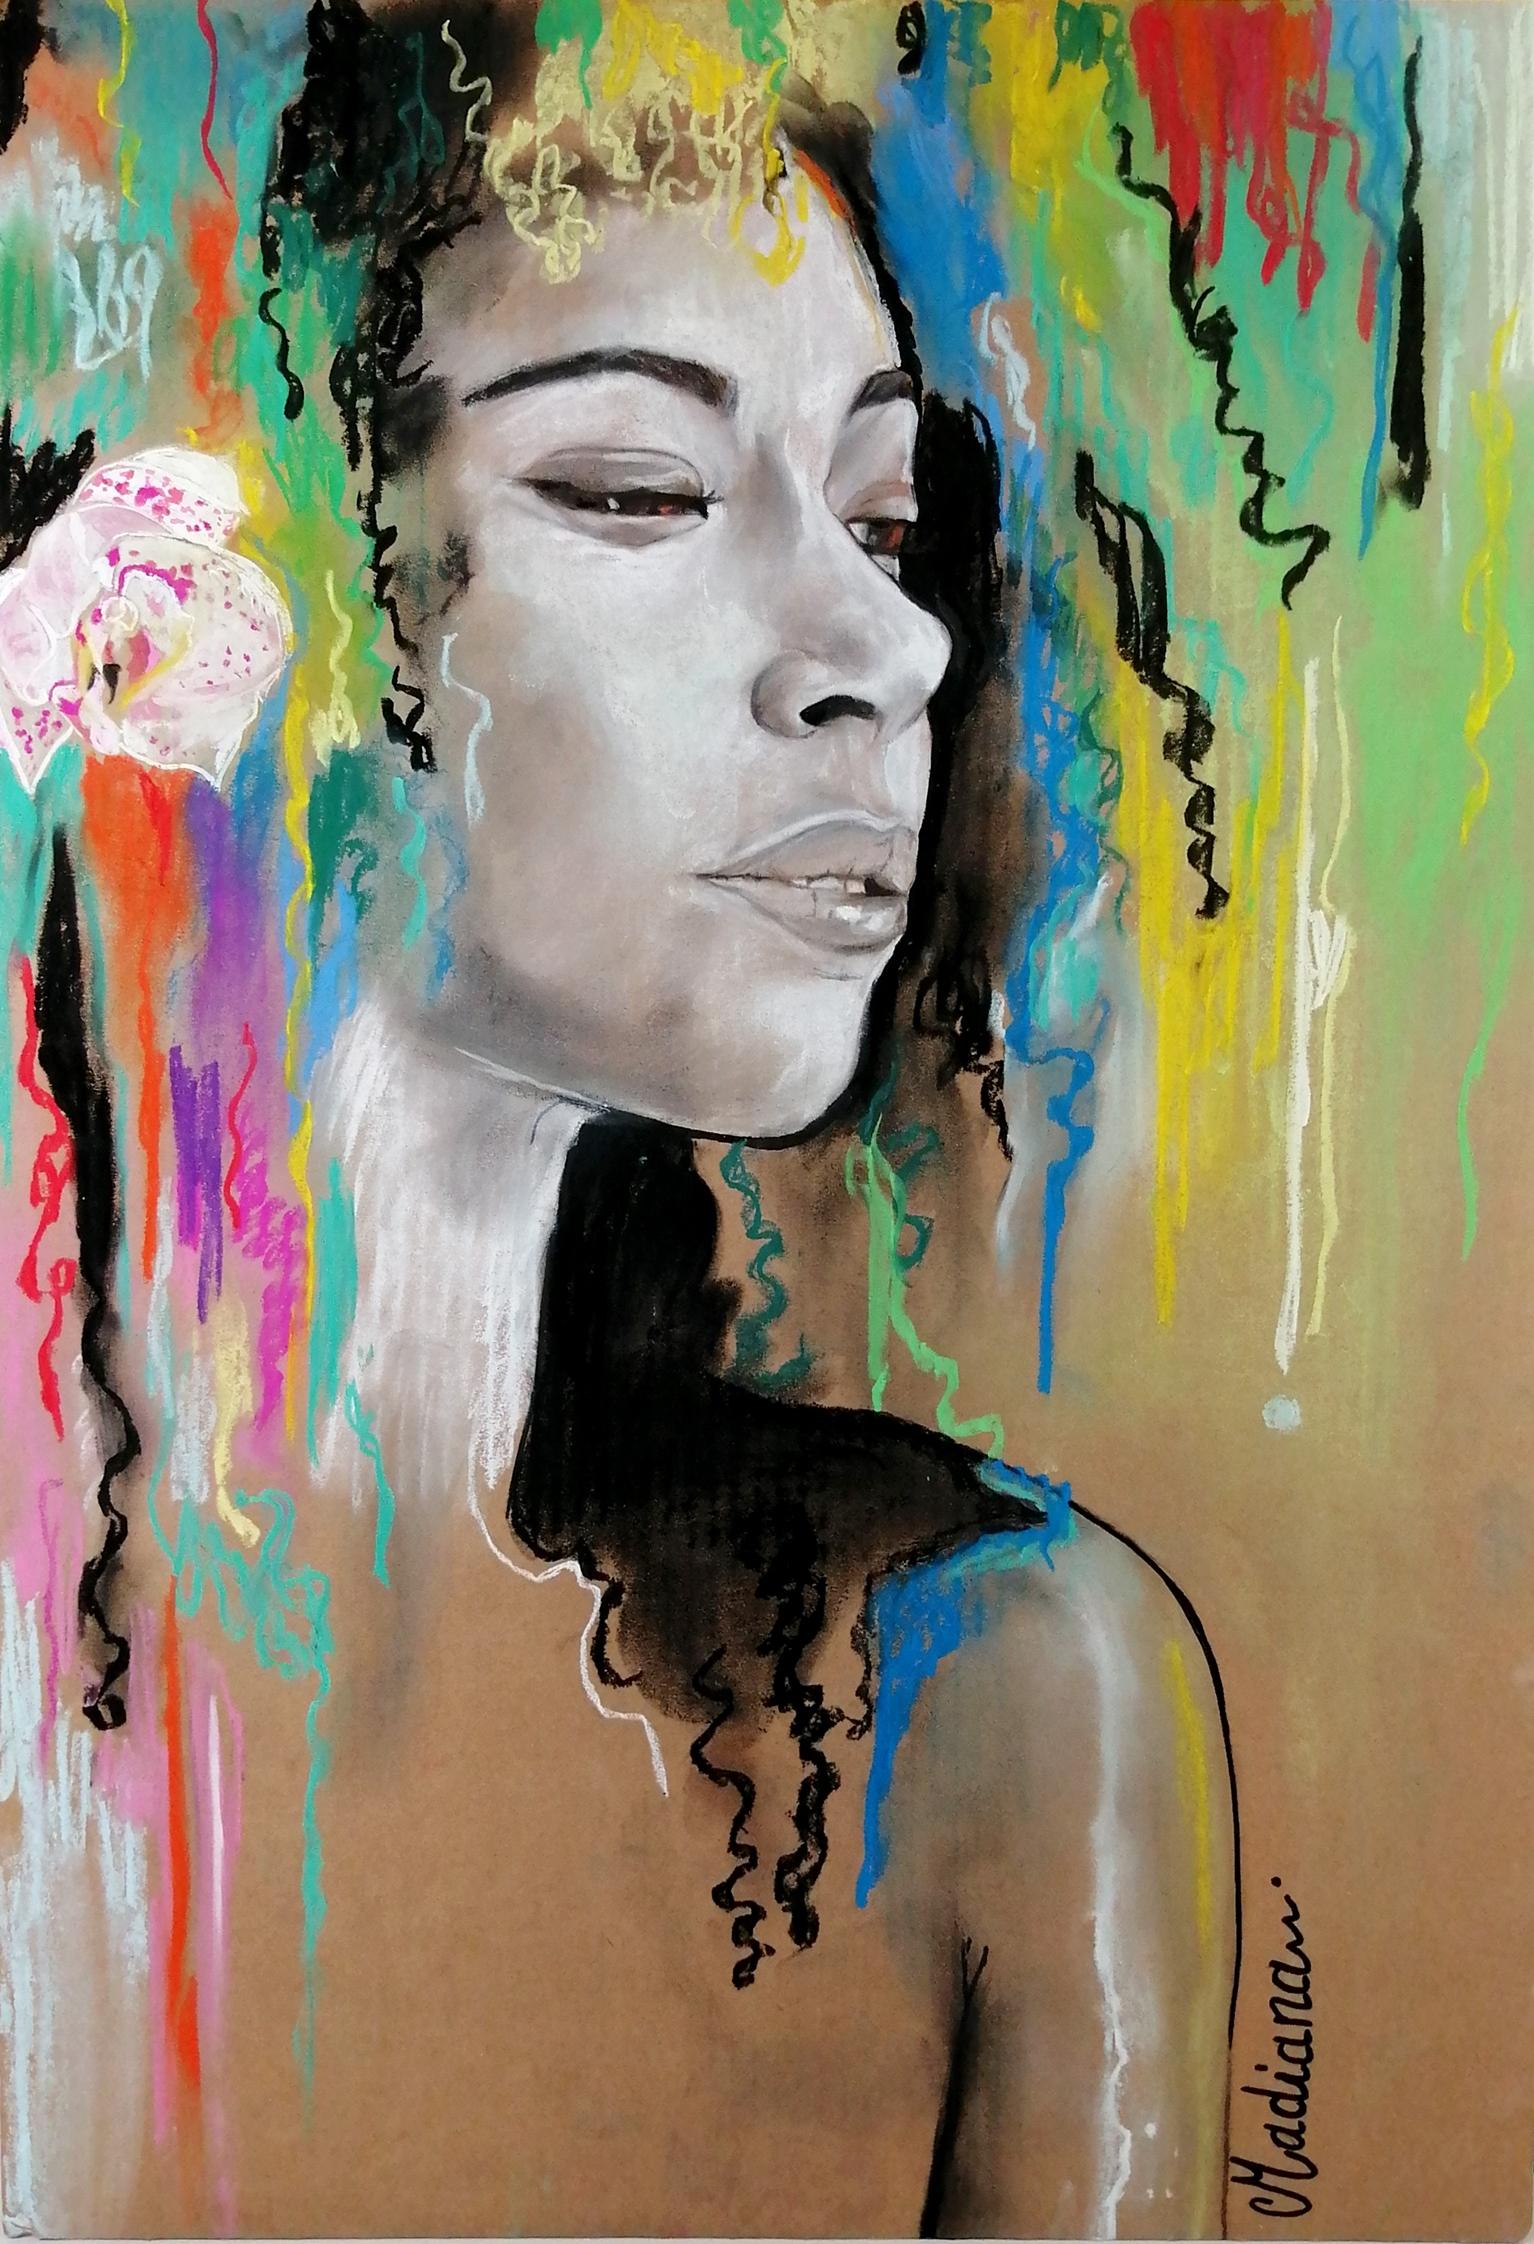 reproduction sur toile art contemporain artiste noir et blanc multicolore femme portrait